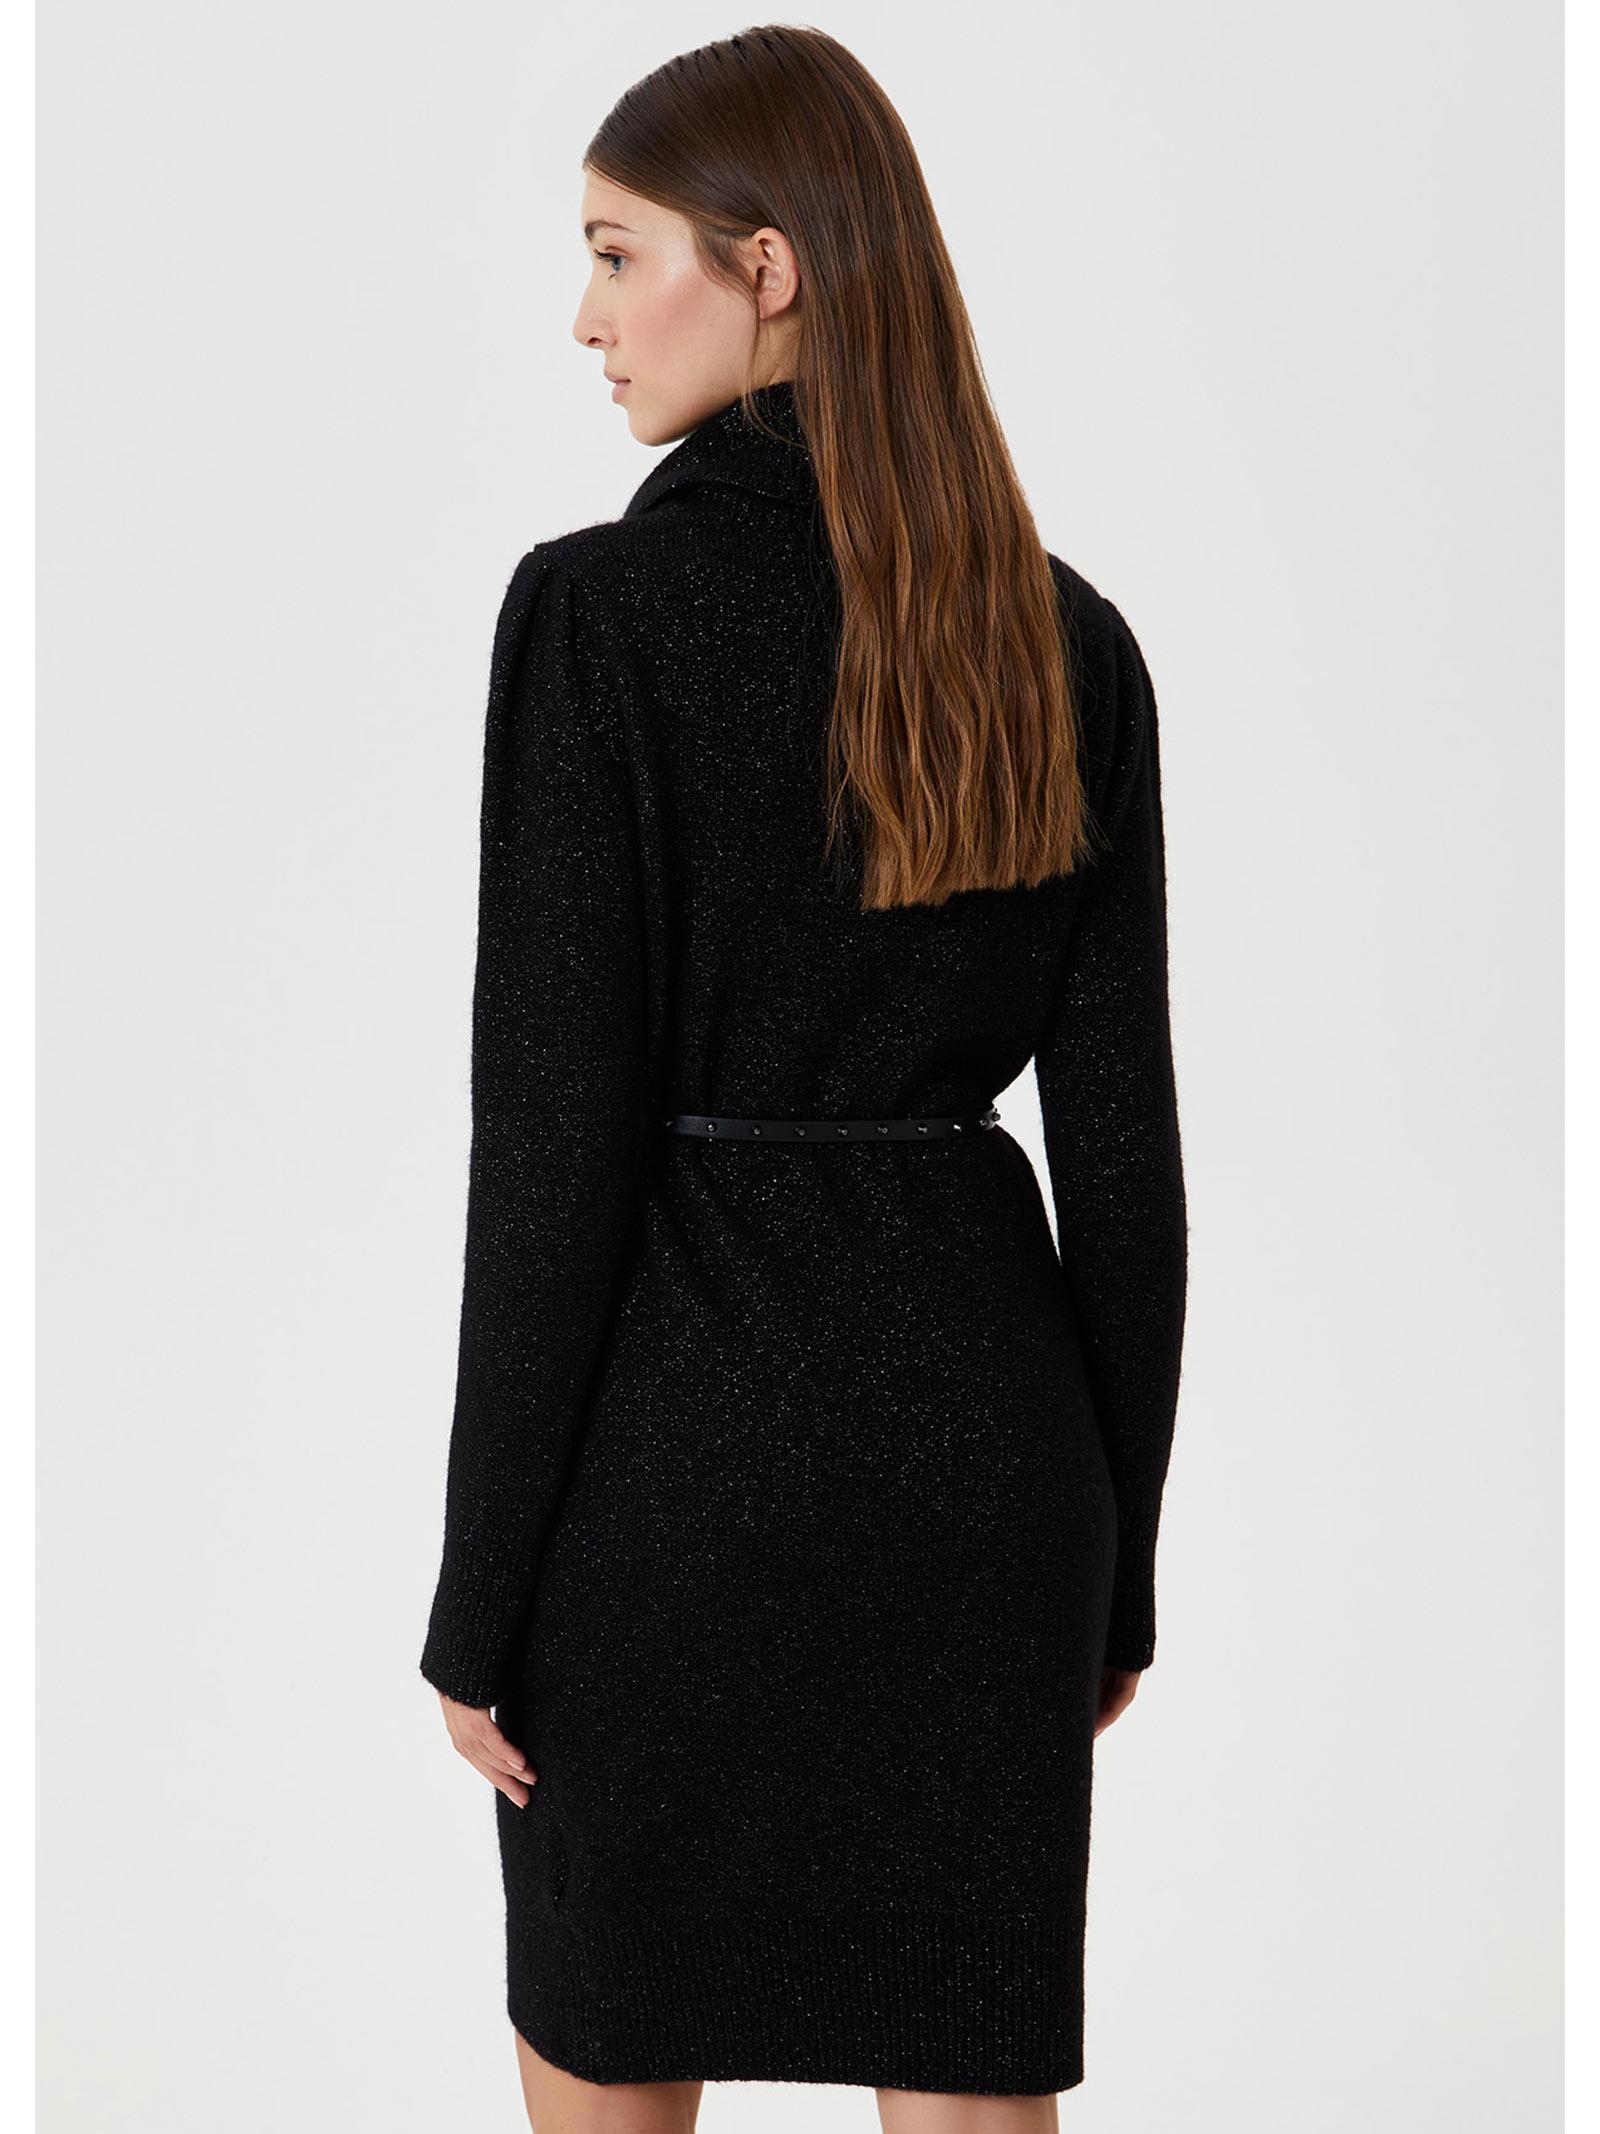 LIU JO   Dresses   8F0010MA67L04021